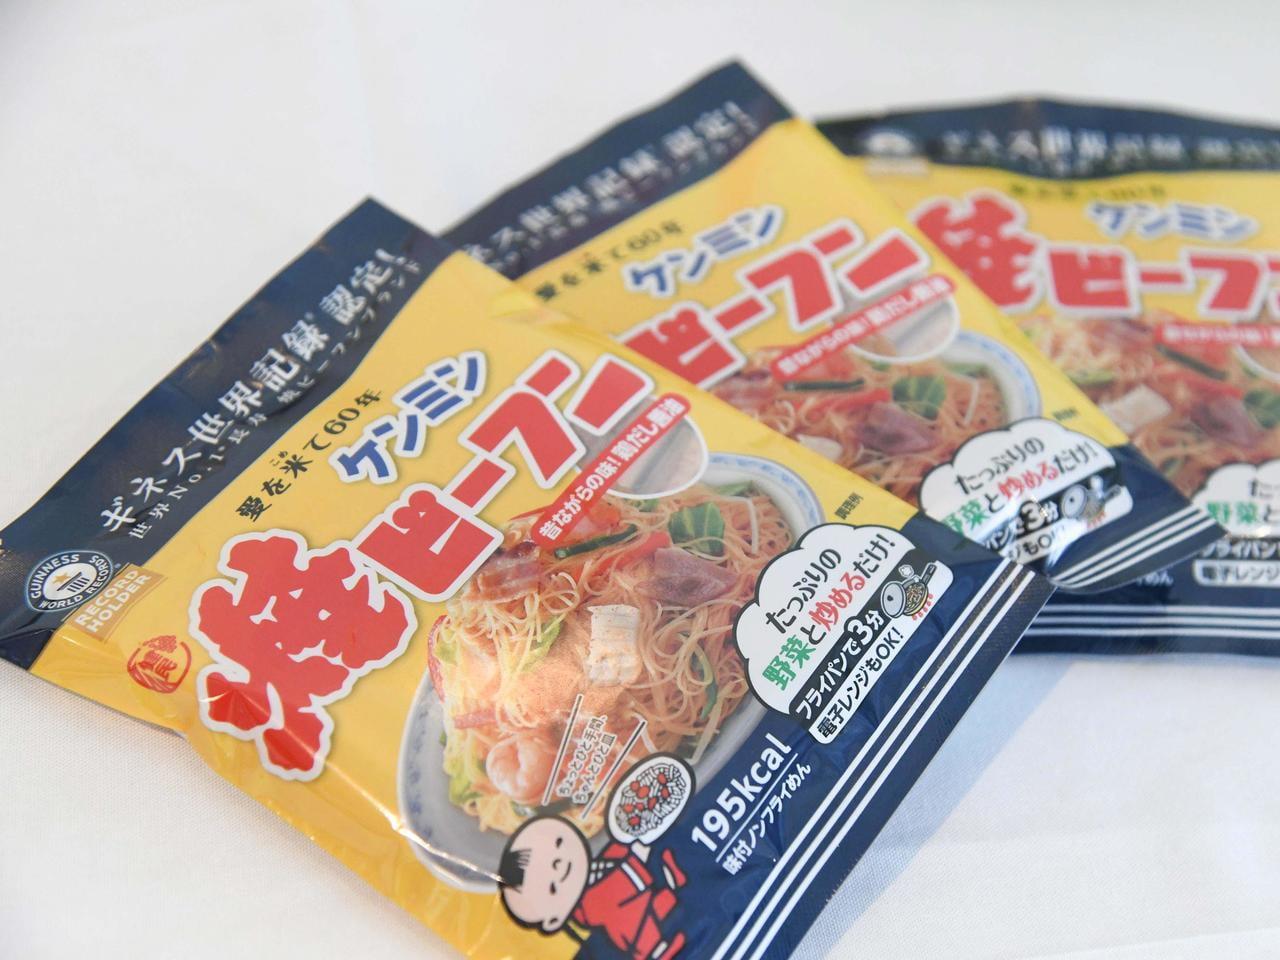 【神戸】ビーフンでおなじみ「ケンミン食品」長く愛される秘密は?